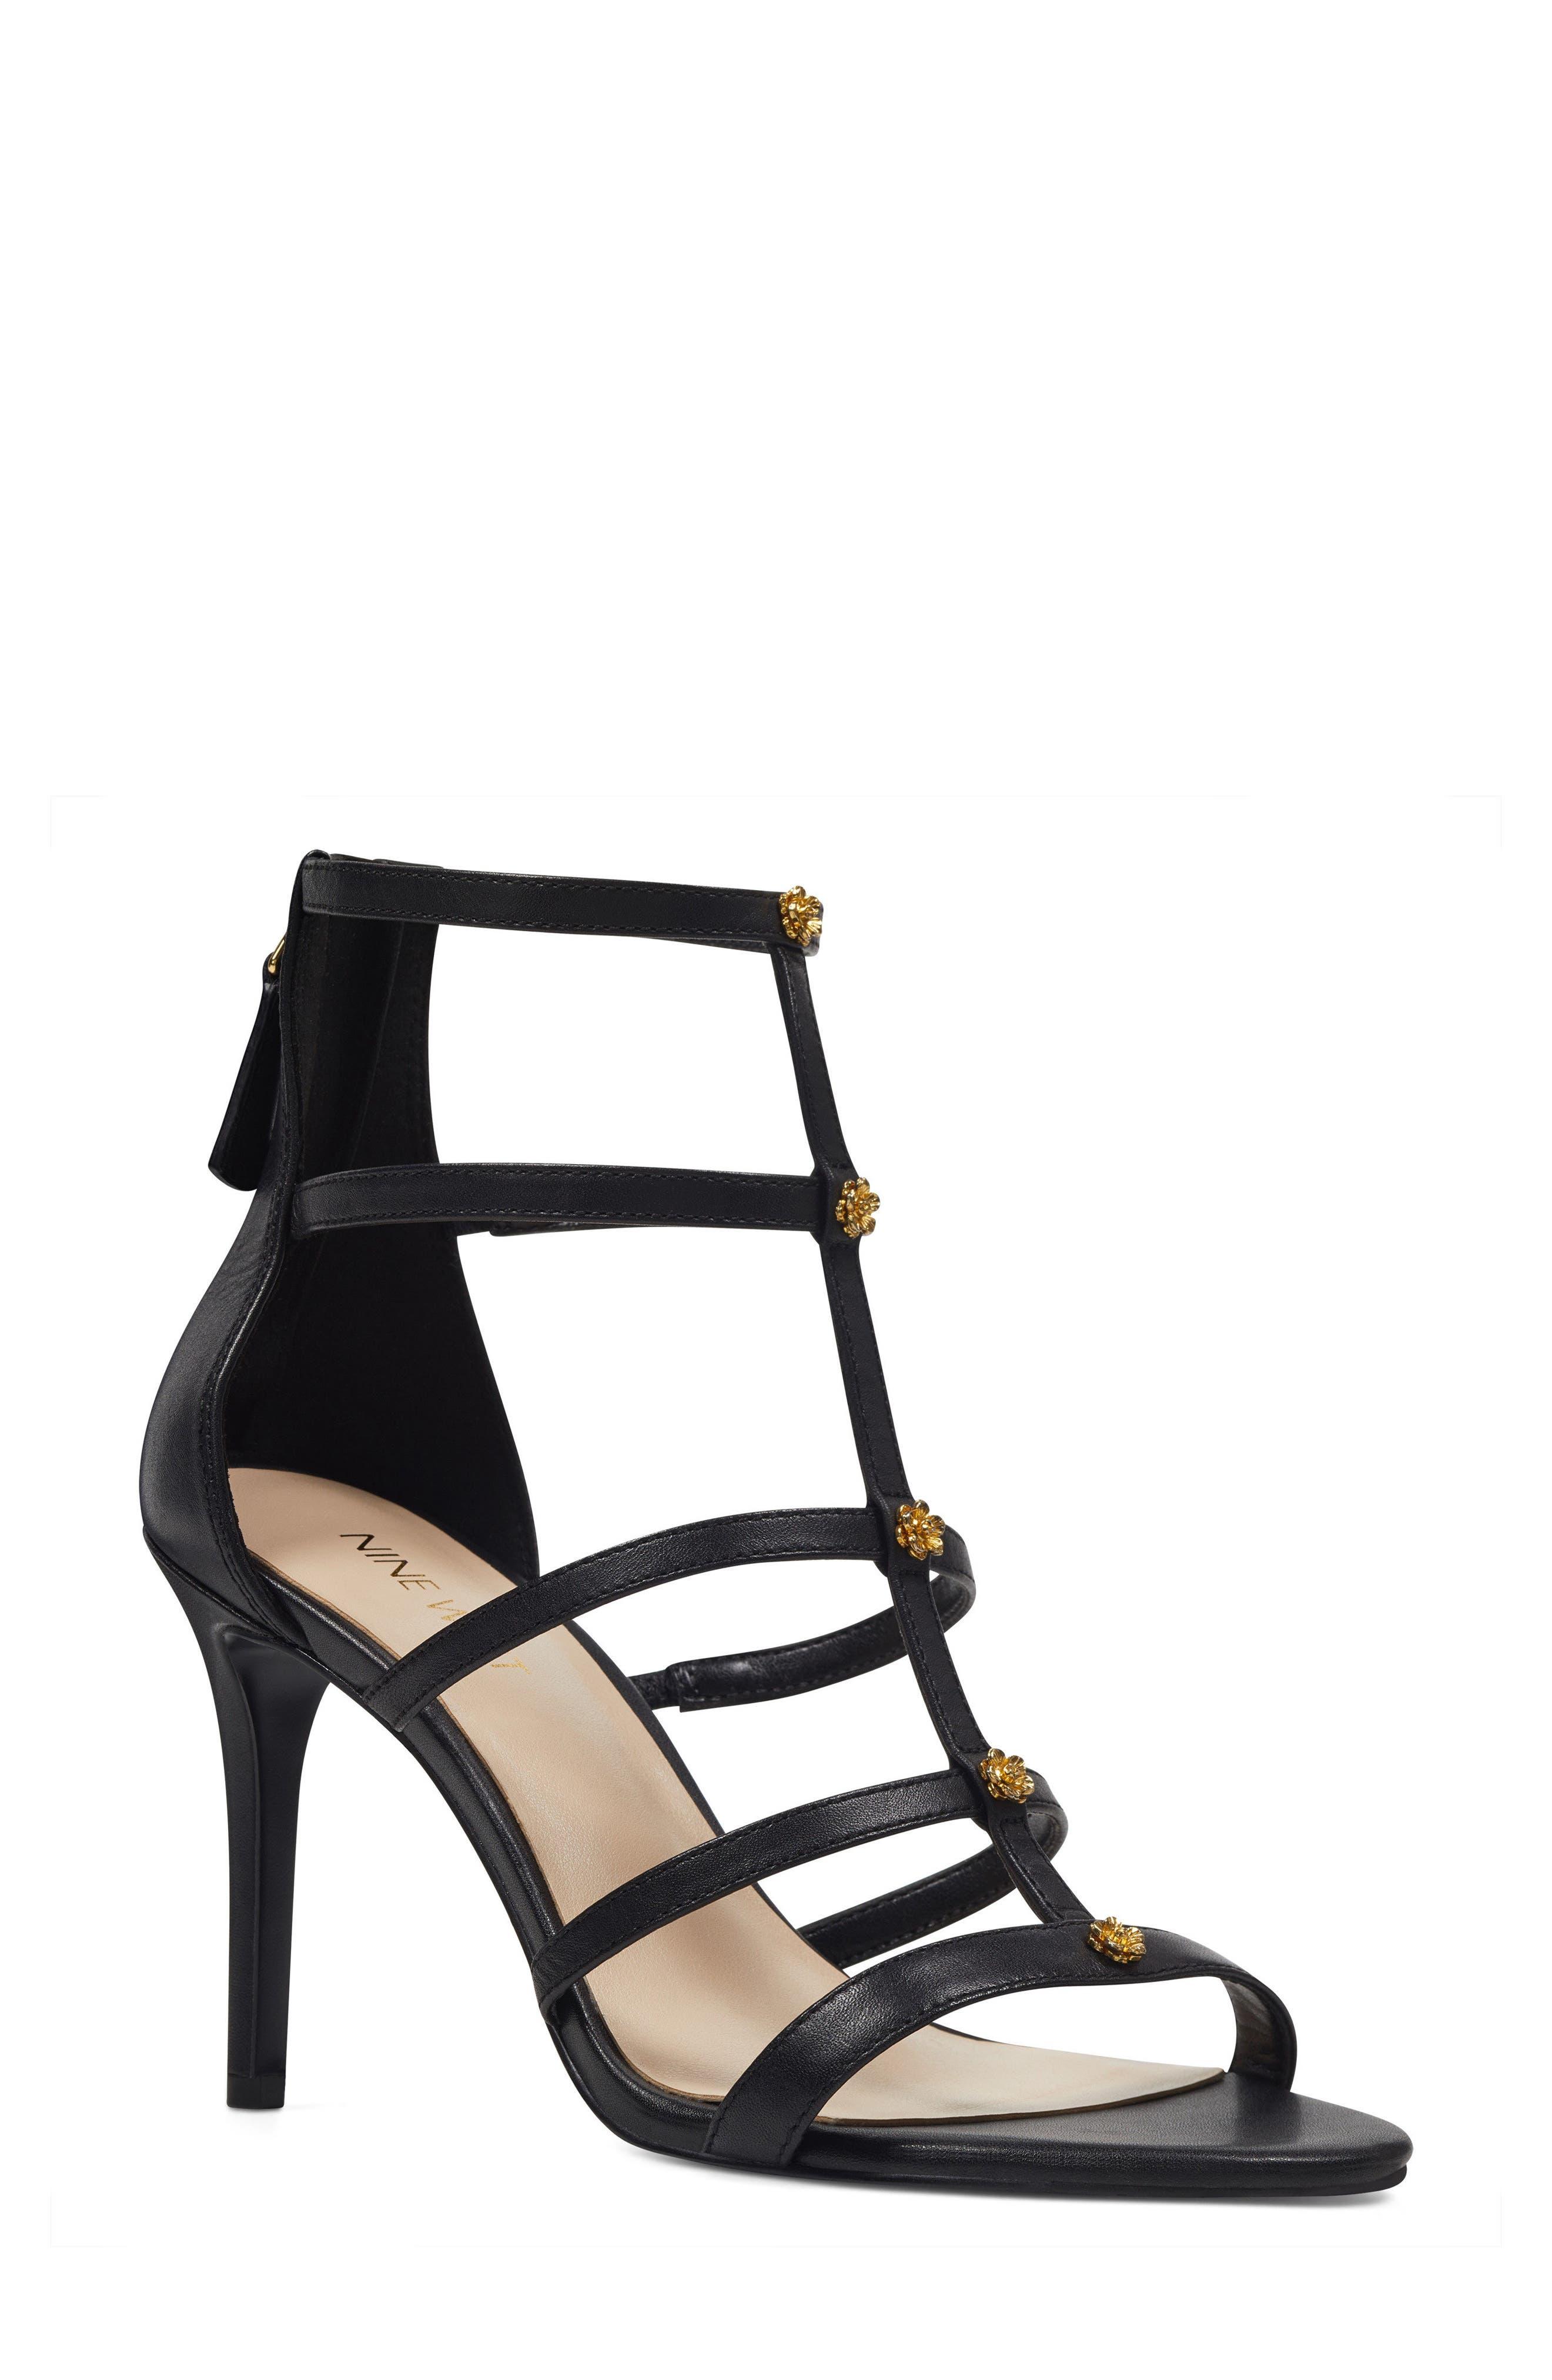 Nayler Strappy Sandal,                         Main,                         color, Black Leather